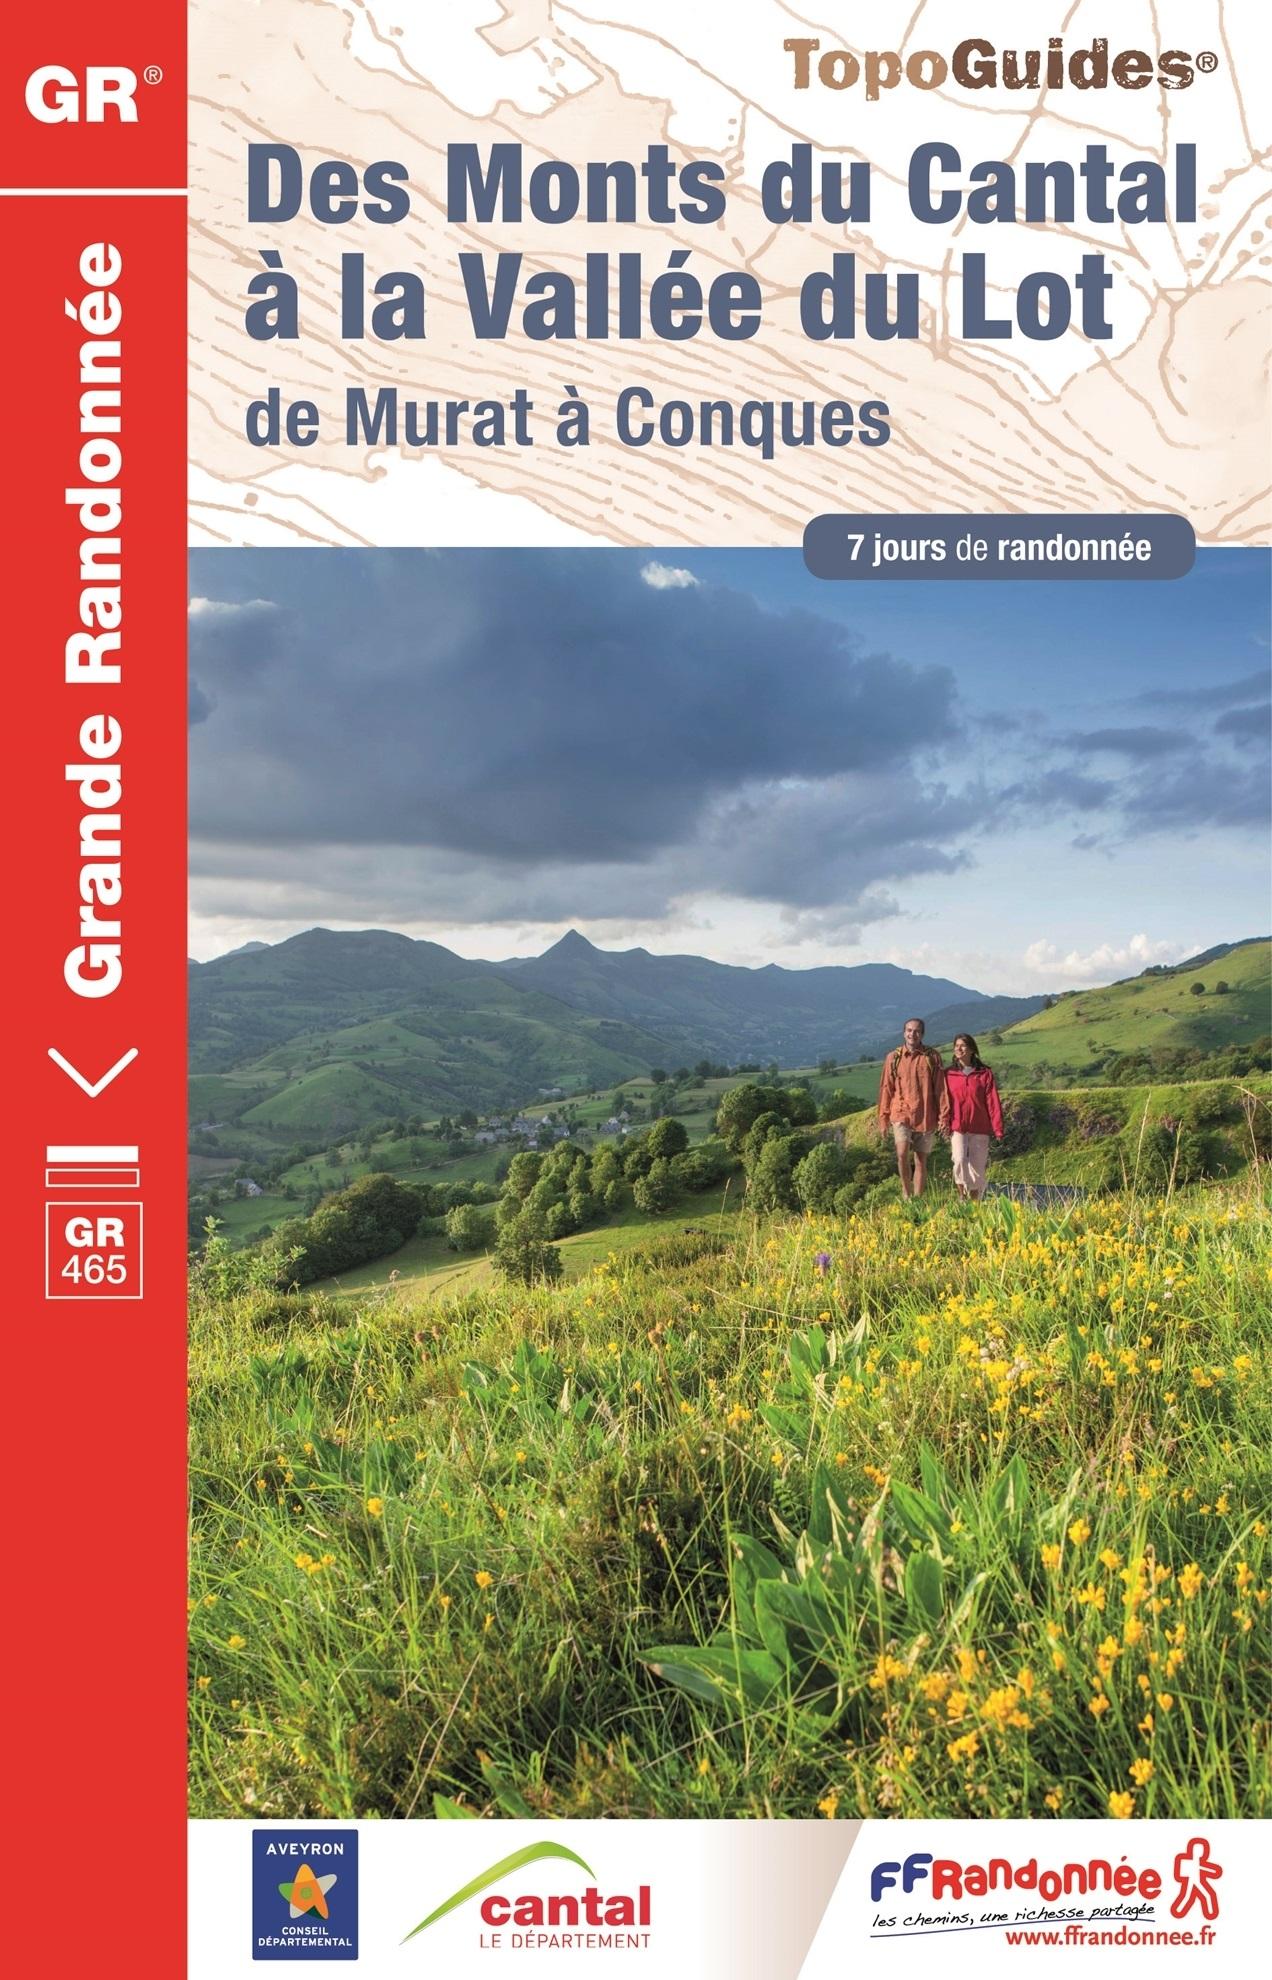 TG-465  Monts du Cantal à la vallée du Lot | wandelgids GR-465 9782751408823  FFRP topoguides à grande randonnée  Meerdaagse wandelroutes, Wandelgidsen Auvergne